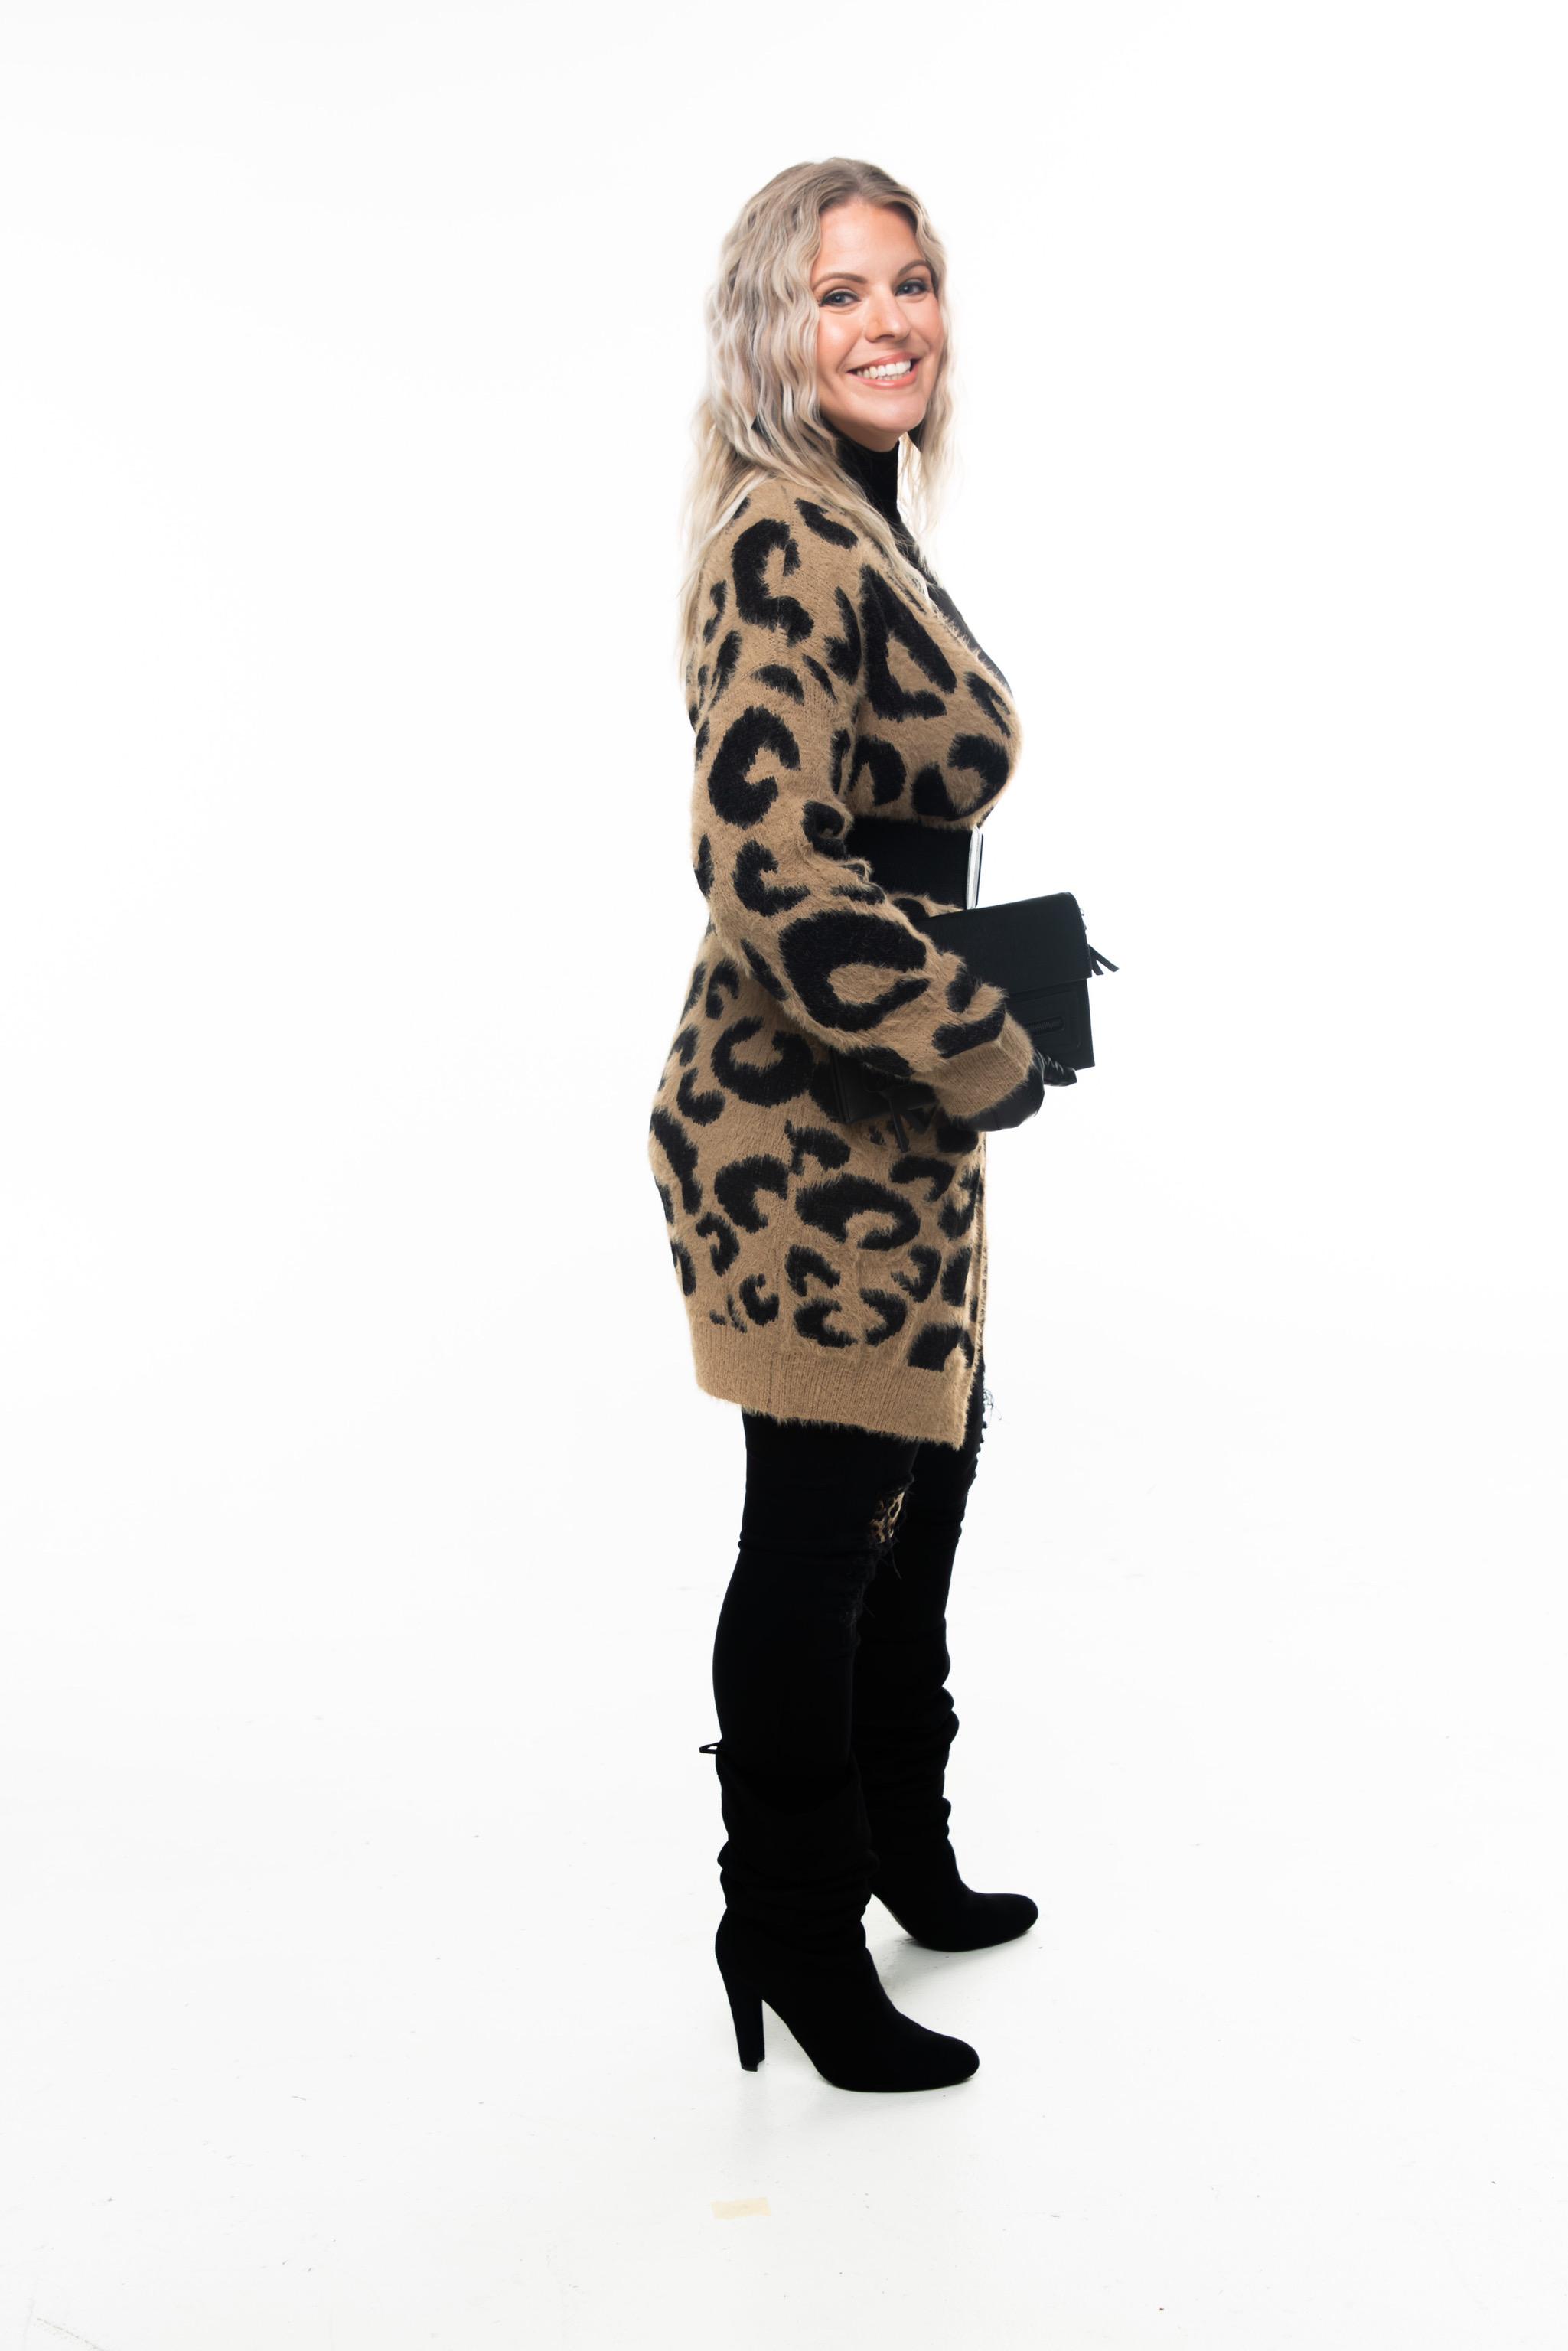 Khaki Leopard Print Cardigan